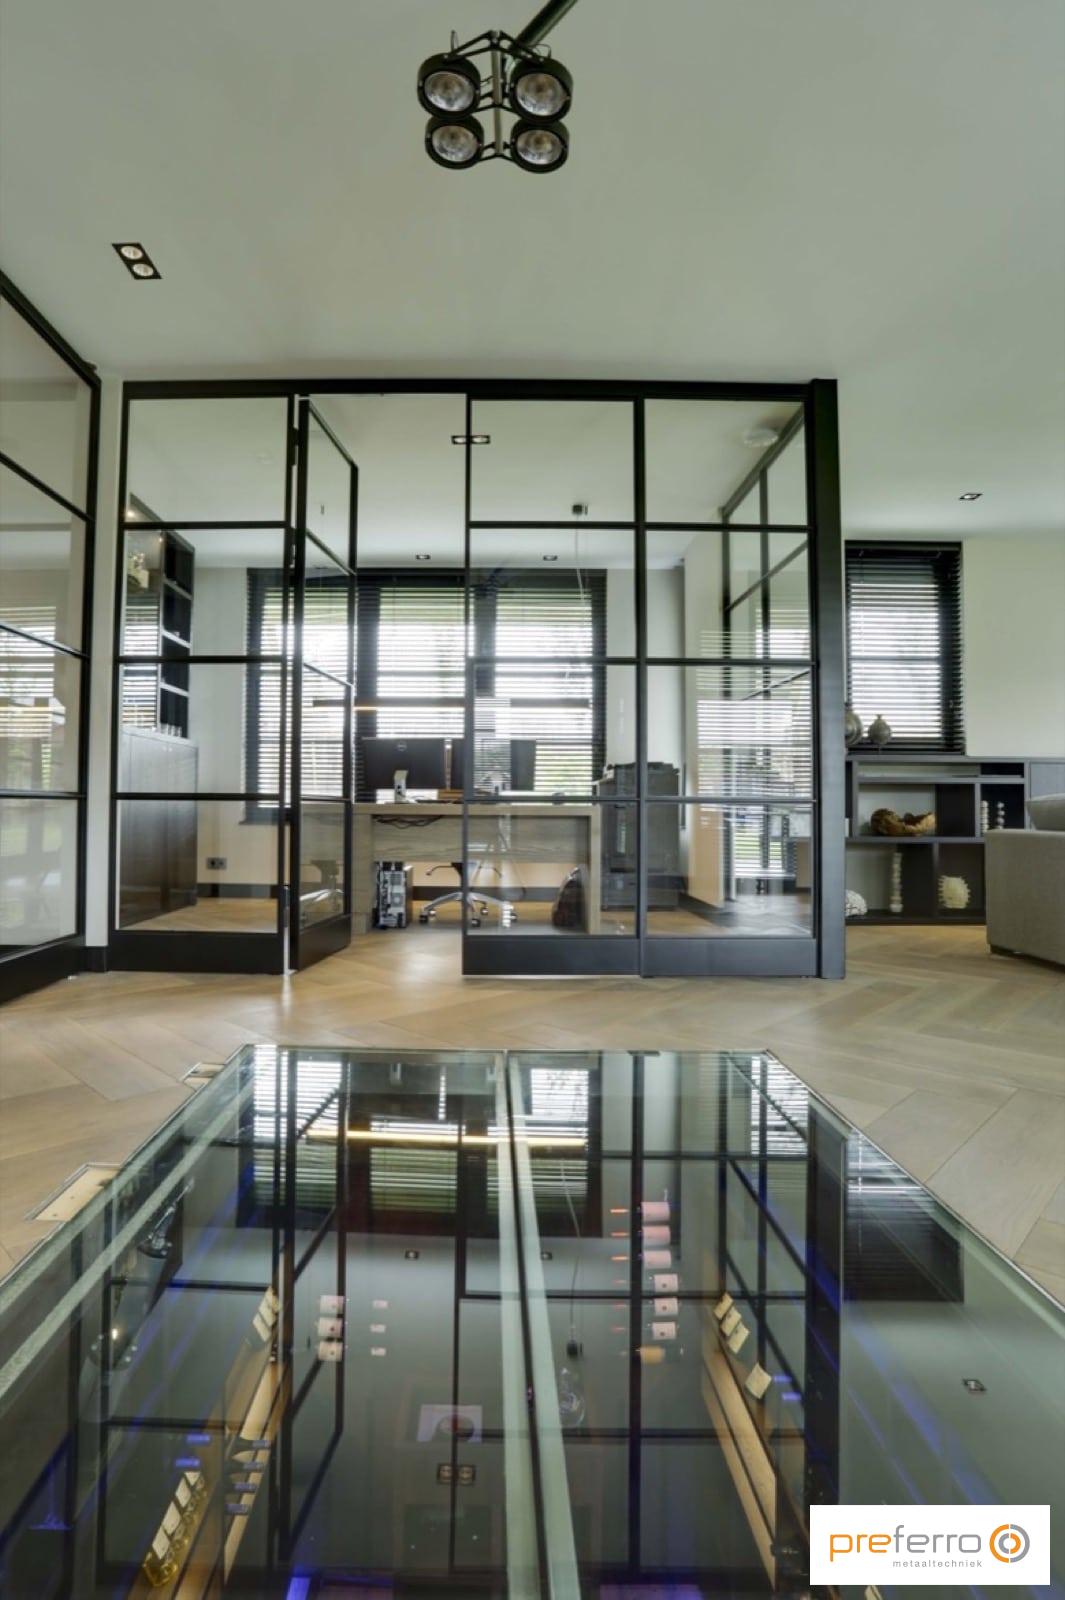 Dubbele binnendeuren met glas en stalen binnenkozijnen